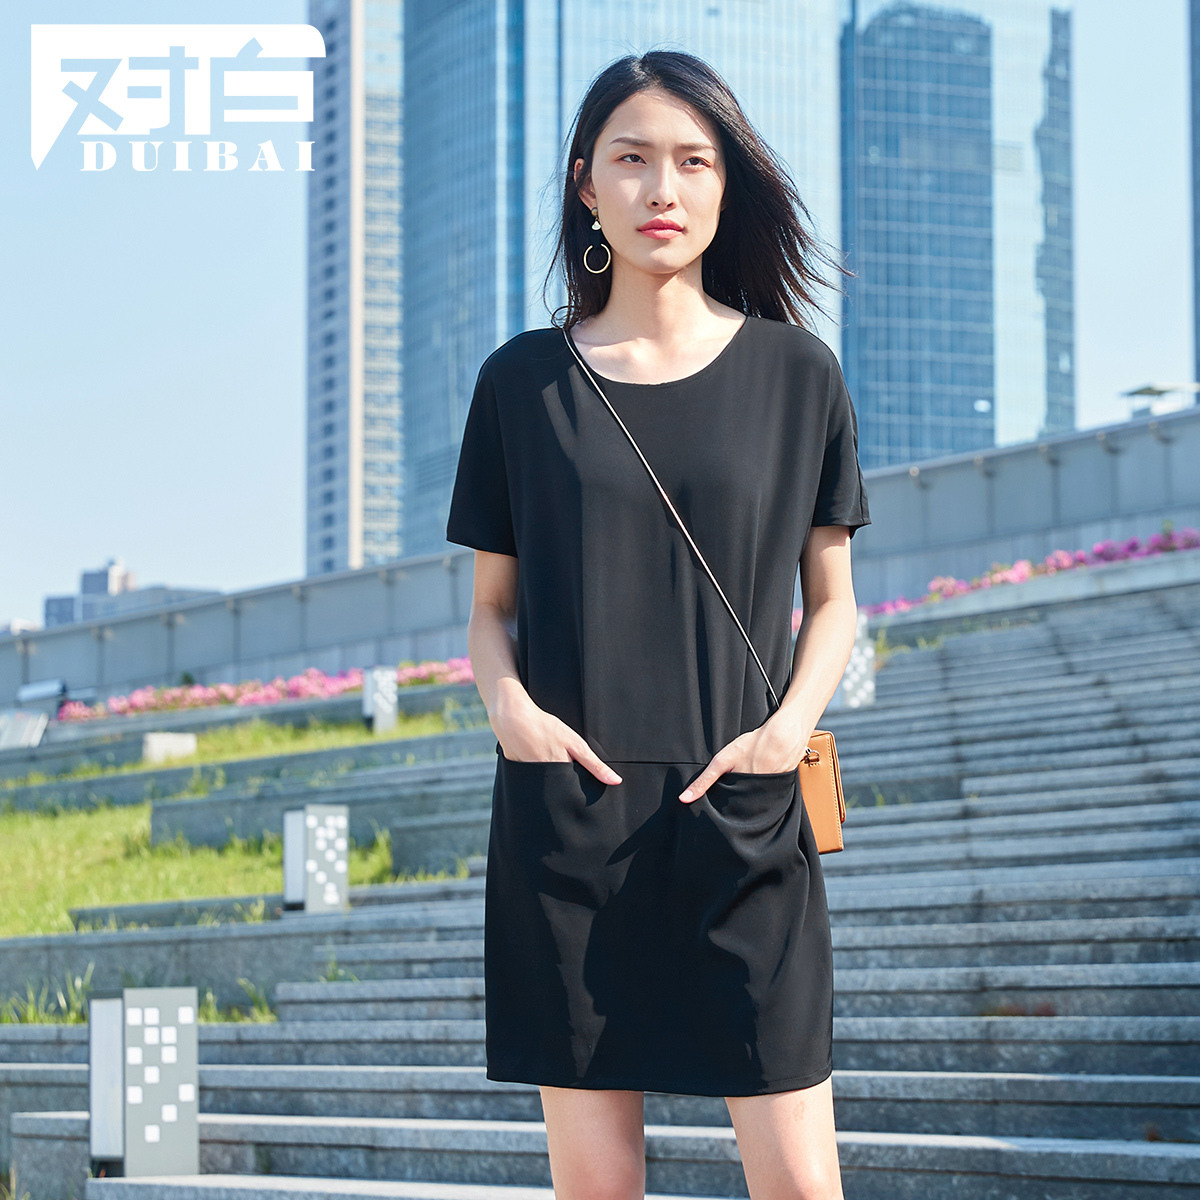 对白织带拼接短袖连衣裙女2019夏装新款纯色口袋简约休闲直筒裙子